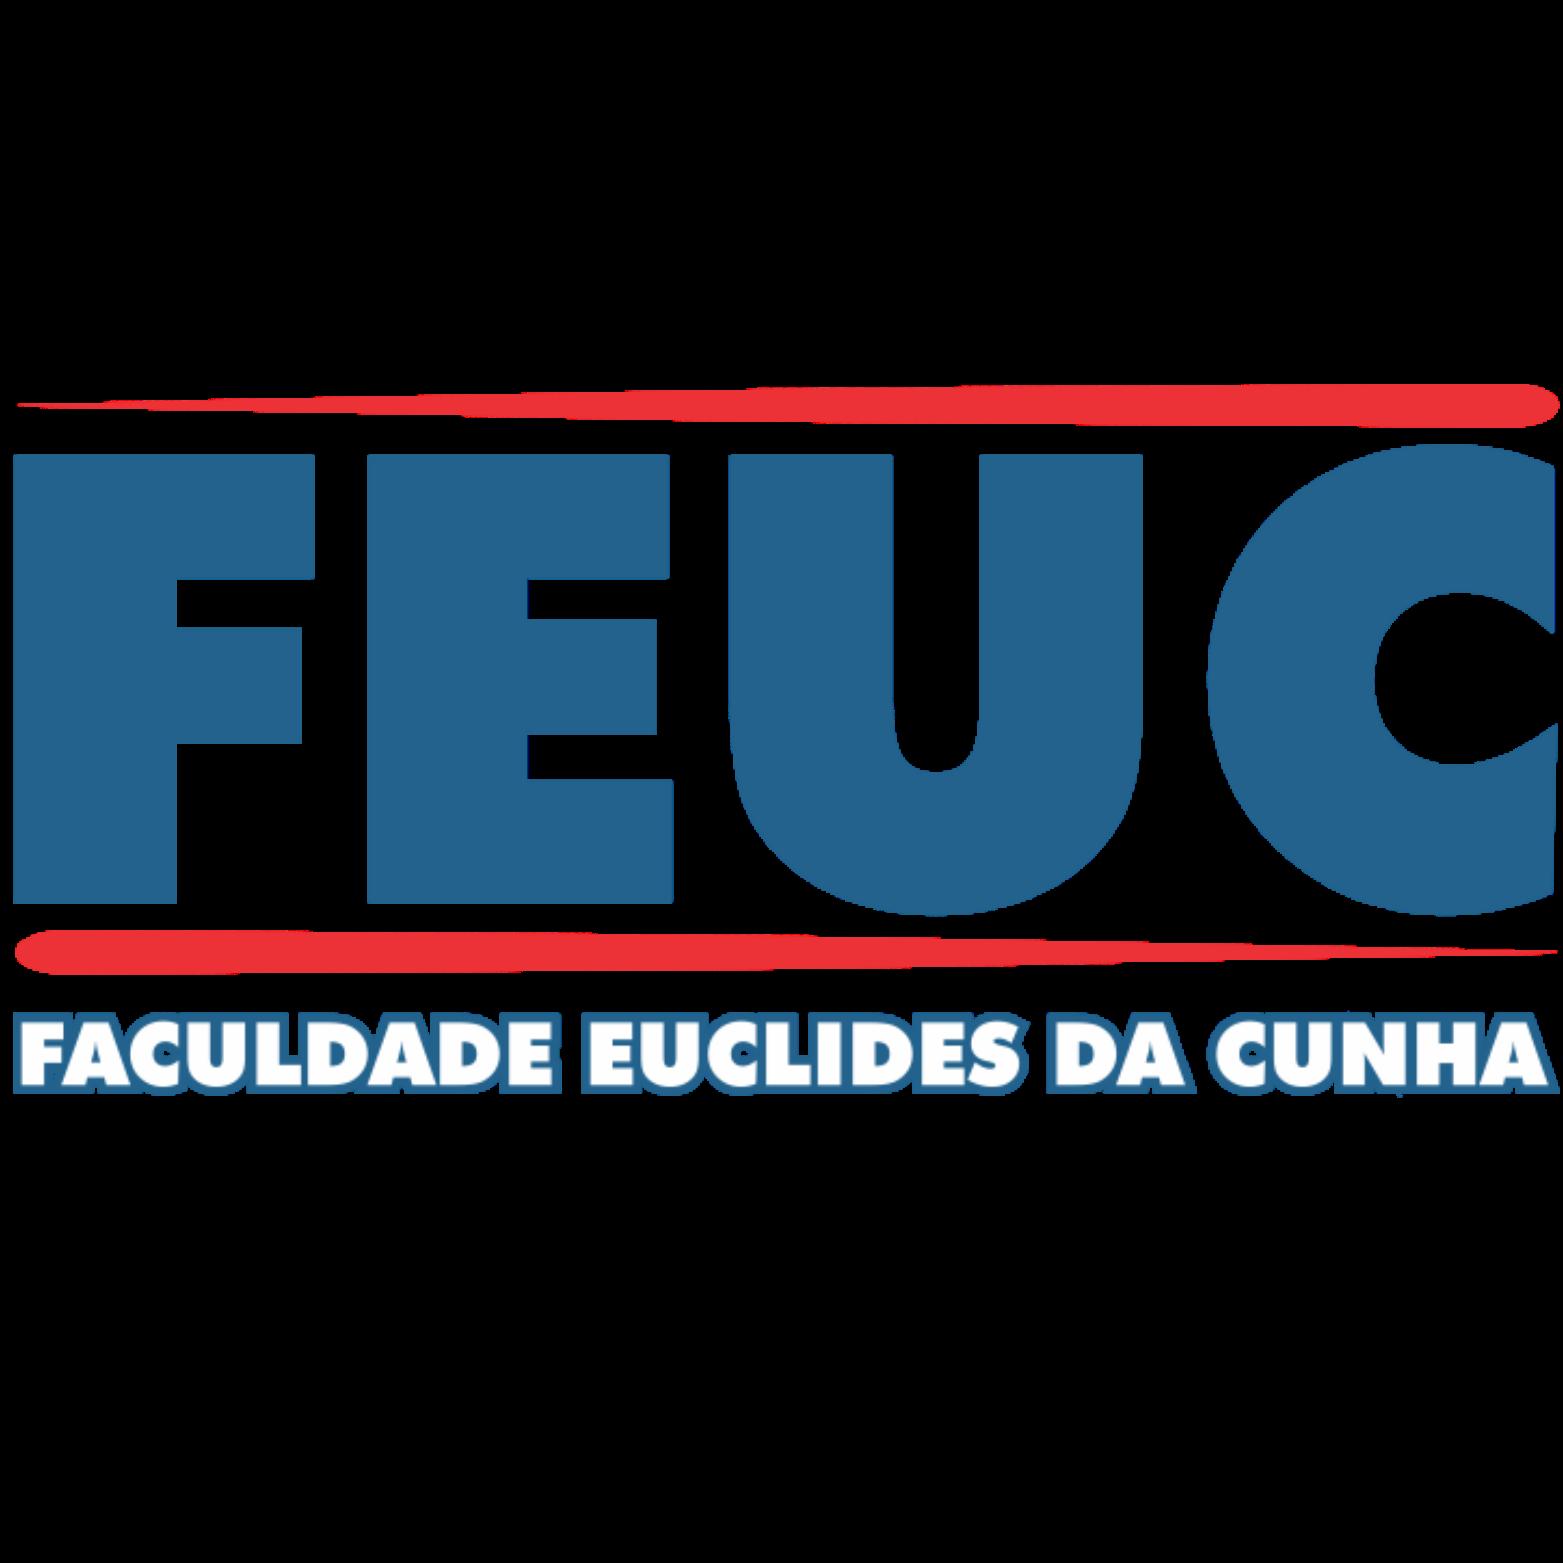 FACULDADE DE FILOSOFIA CIÊNCIAS E LETRAS DE SÃO JOSÉ DO RIO PARDO - FFCL